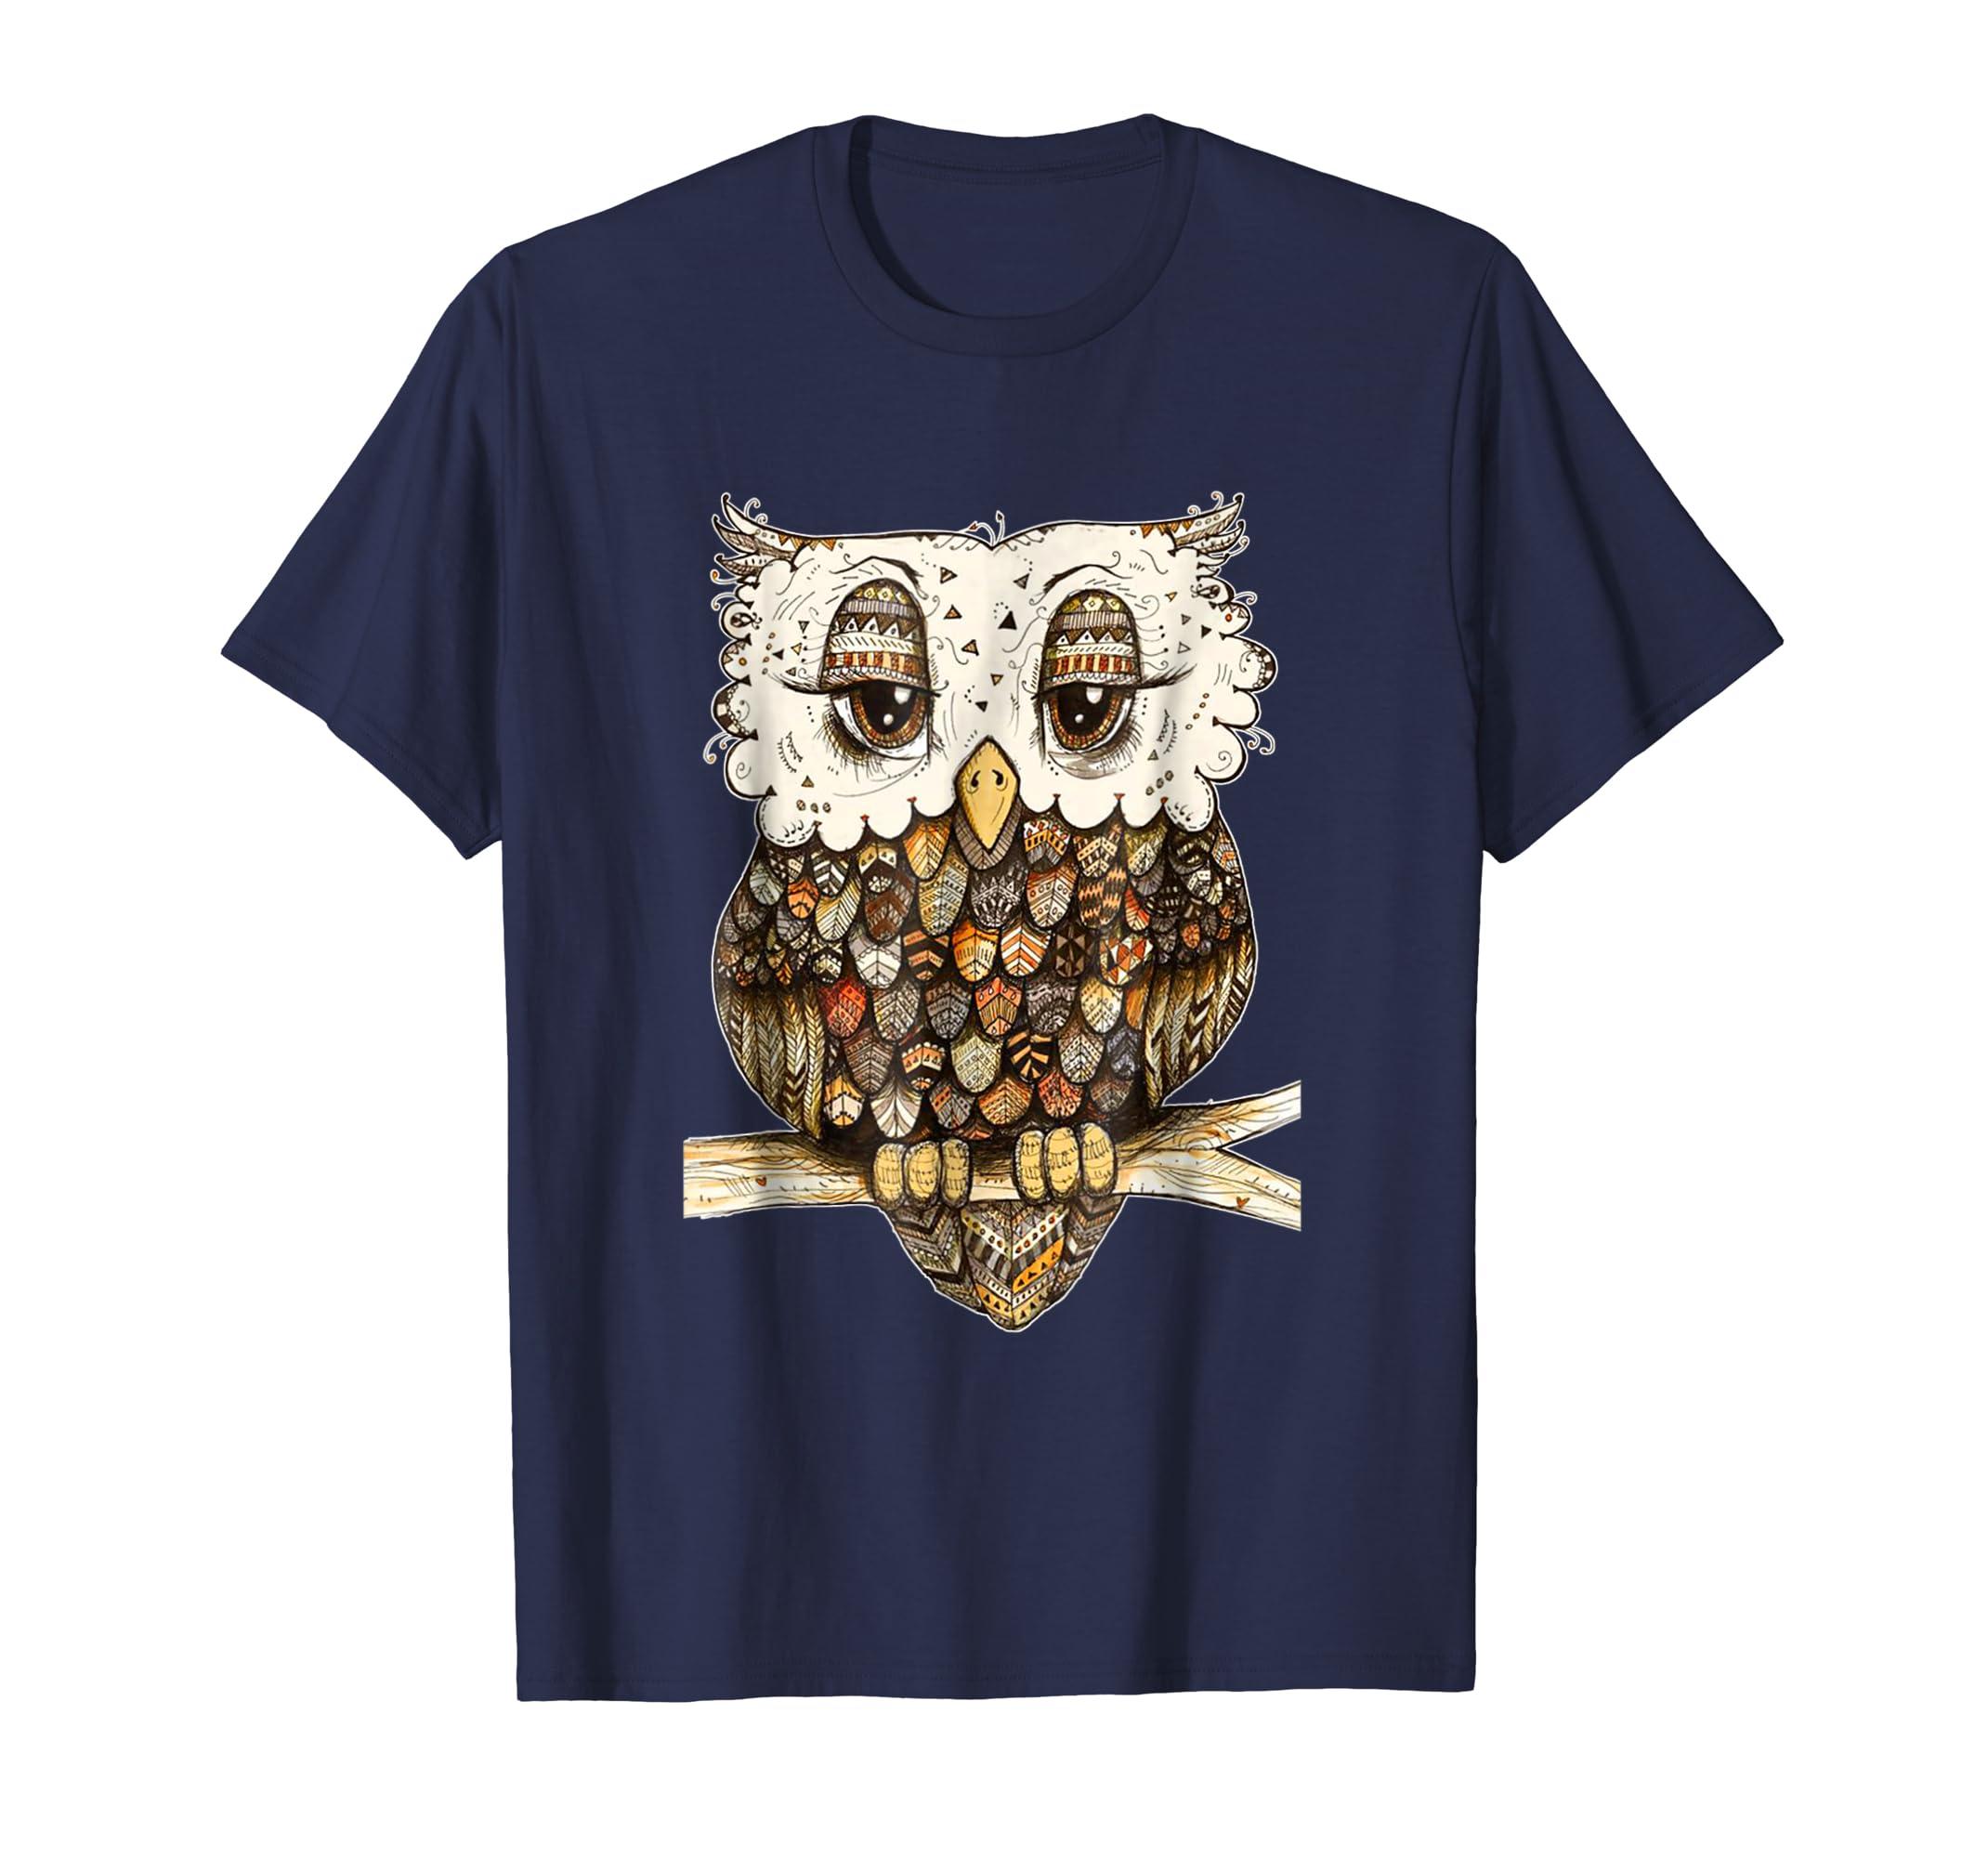 Owl Brocade Owl Shirt For Women Girls-mt